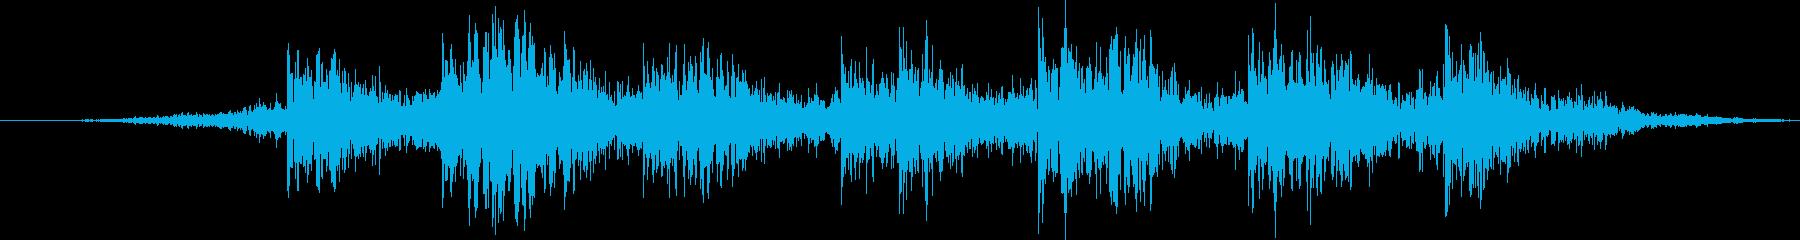 電気旅客列車:橋の下のオーバーヘッ...の再生済みの波形